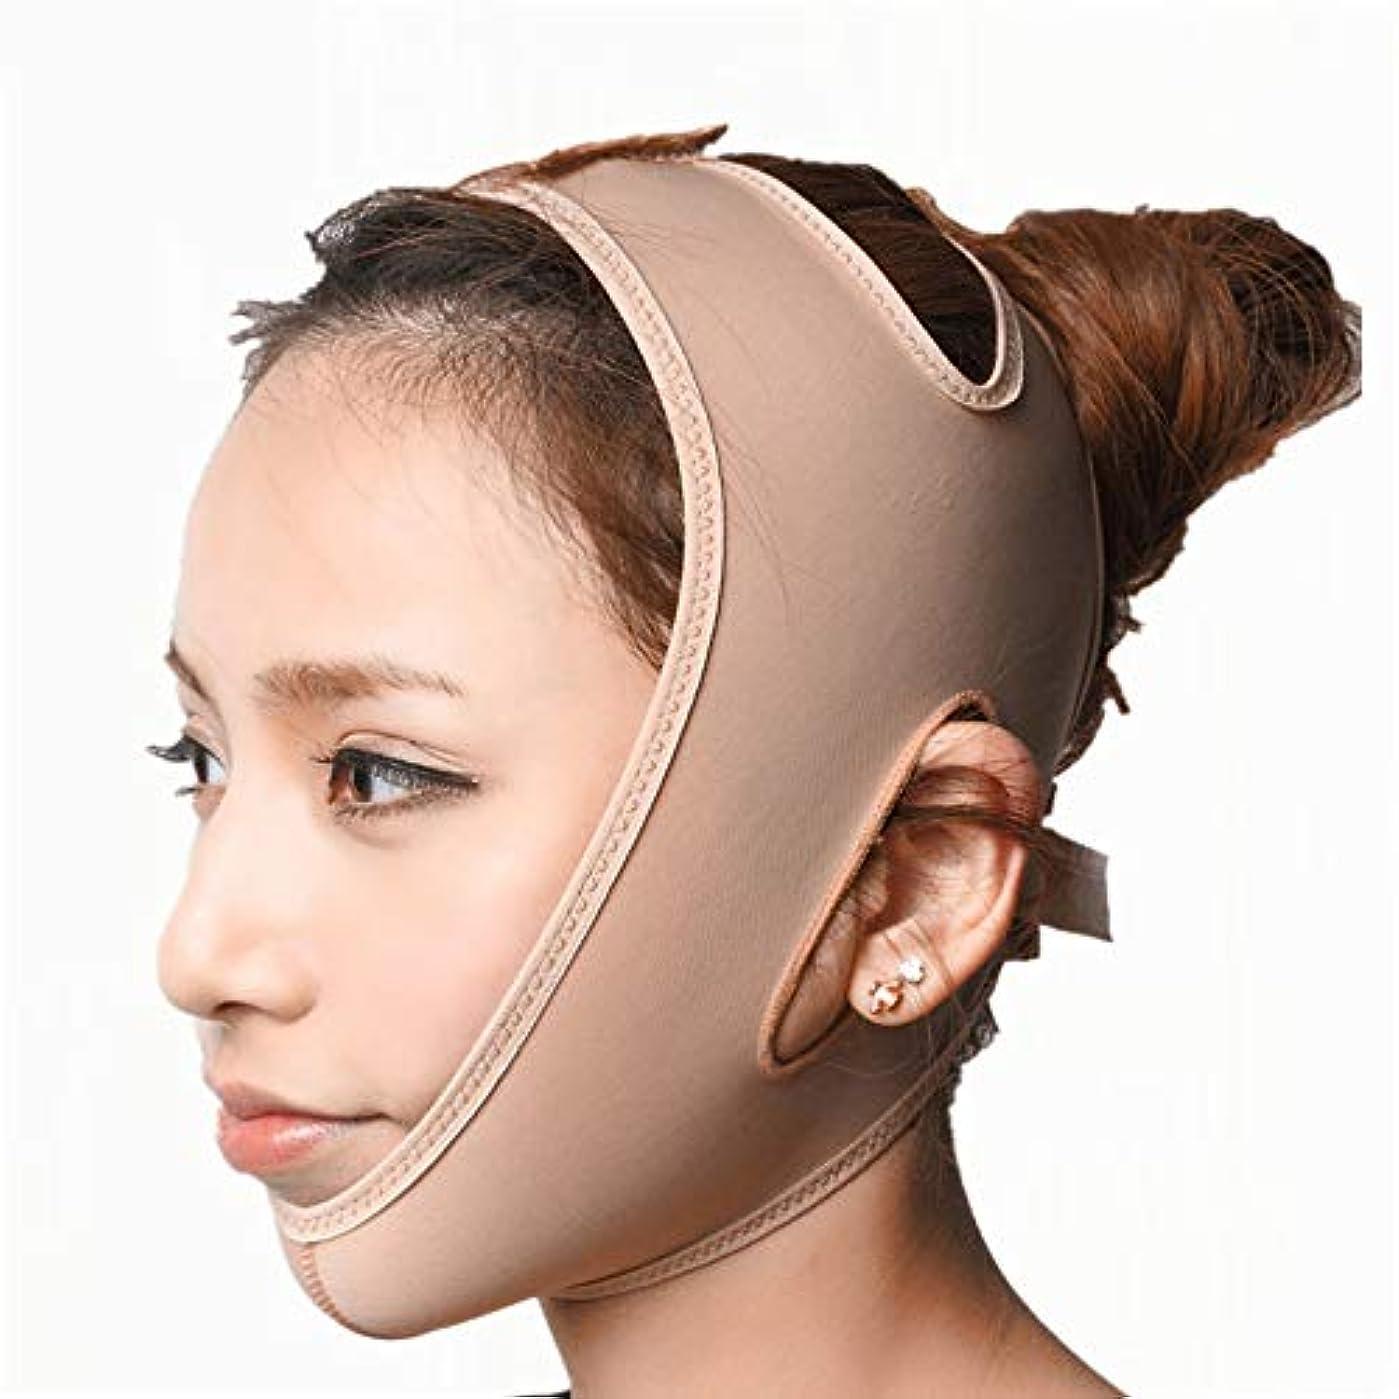 Minmin 顔の持ち上がる痩身ベルト - アンチエイジングリンクルフェイスマスクベルトシンフェイス包帯整形マスクは顔と首を締めますフェイススリム みんみんVラインフェイスマスク (Size : L)